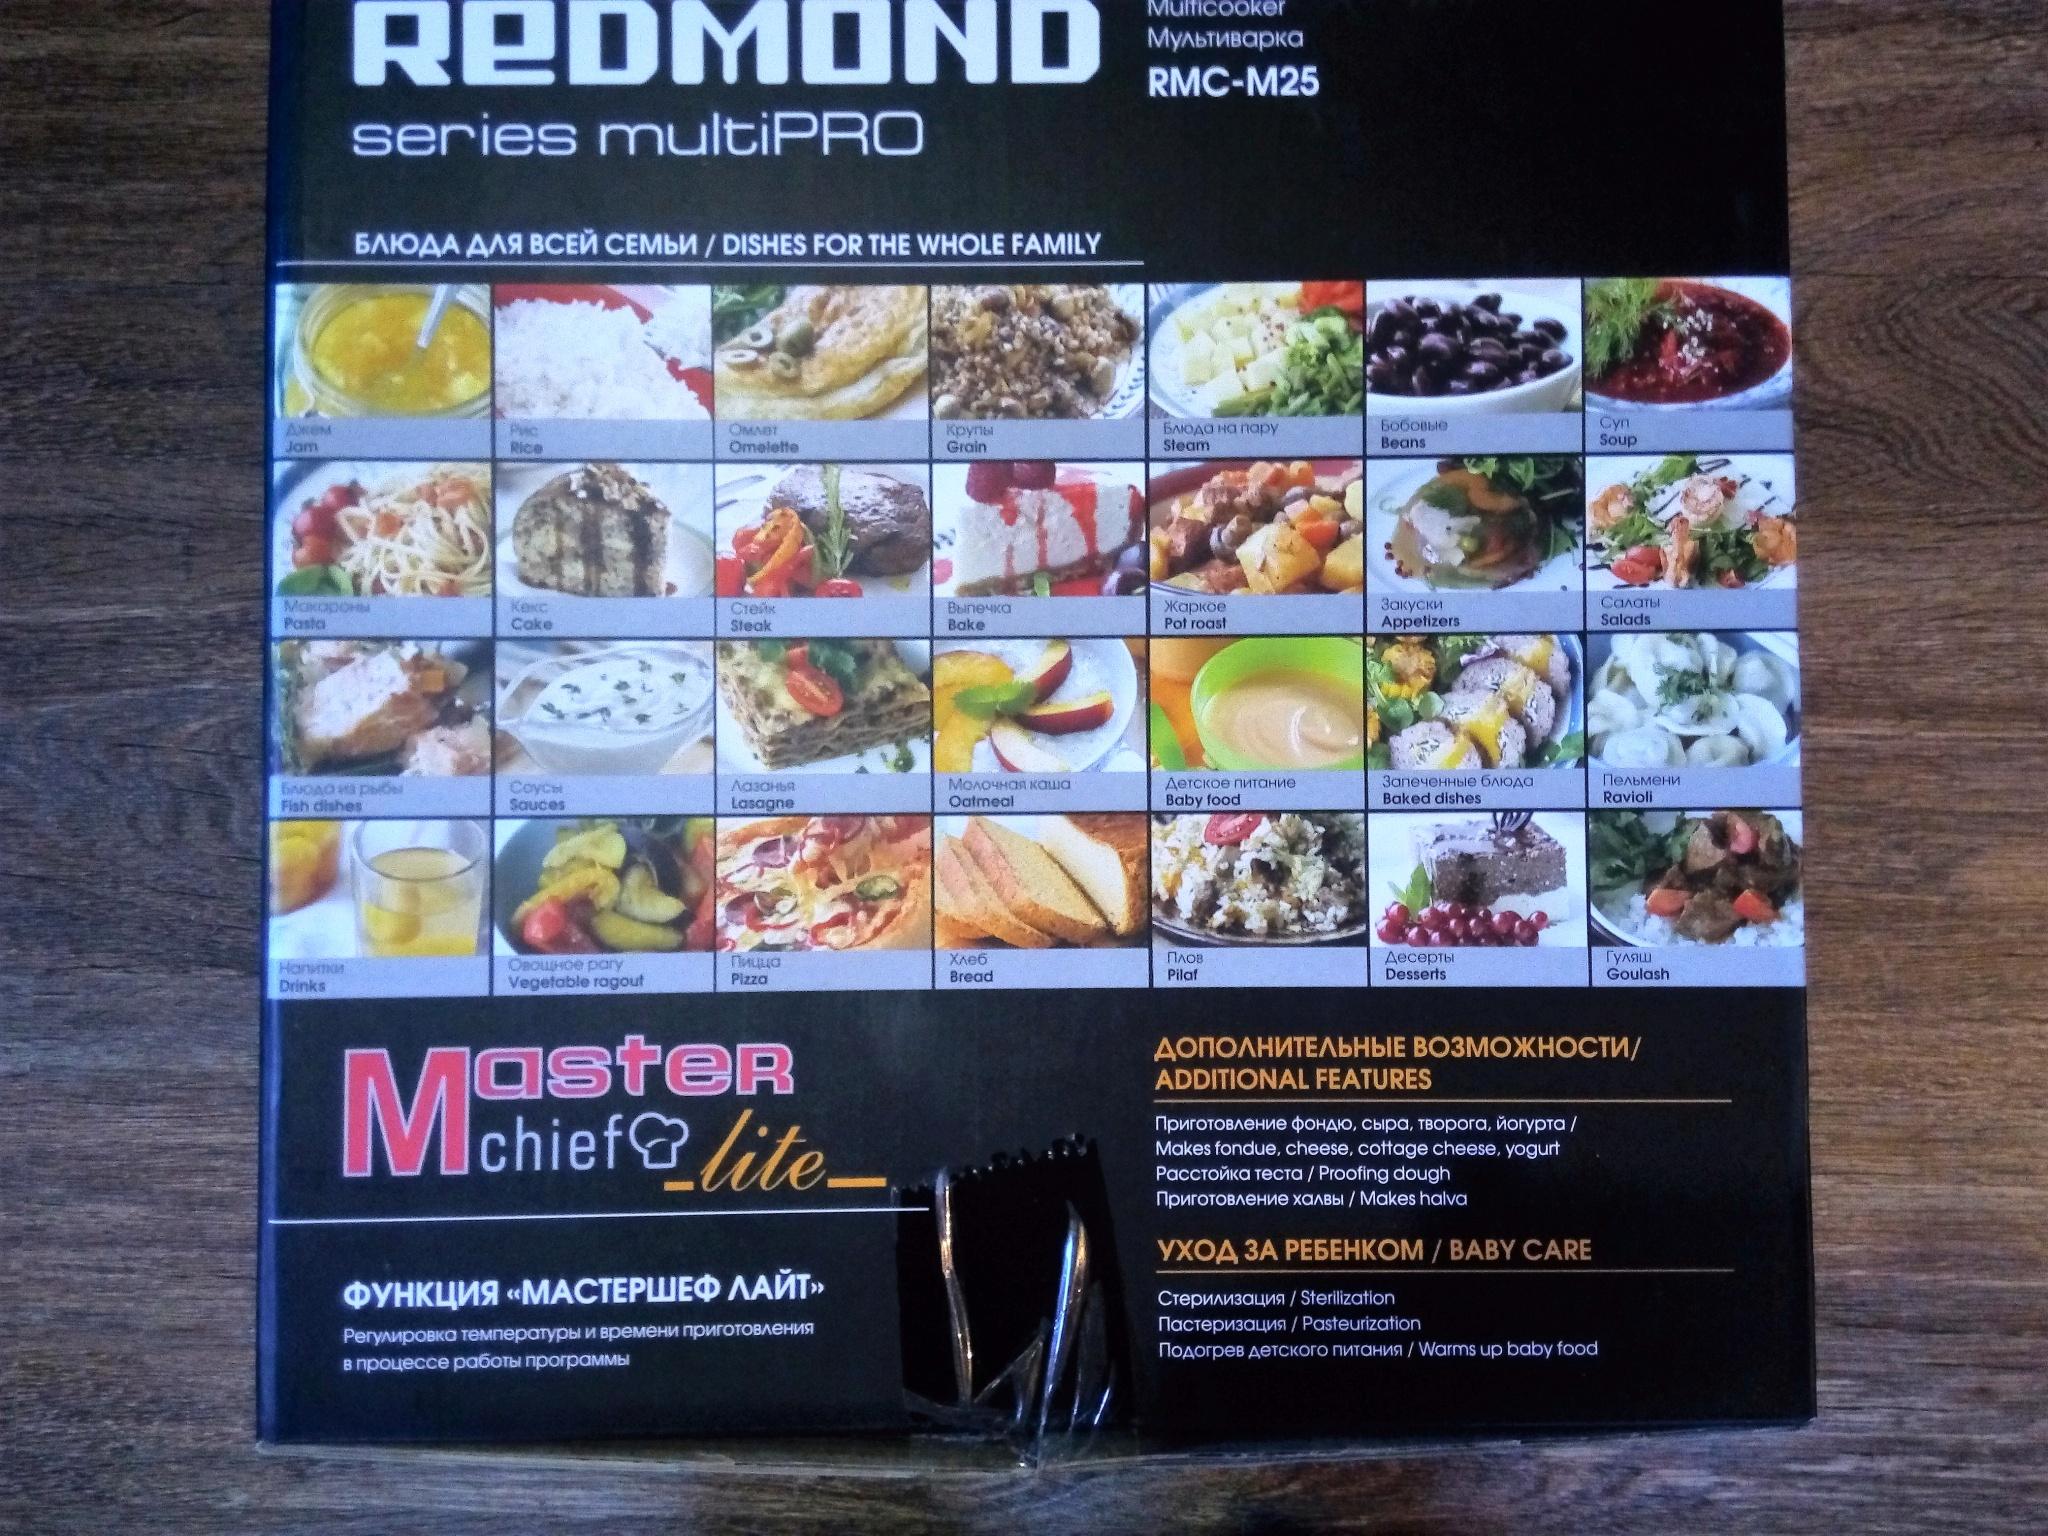 обзор от покупателя на мультиварка Redmond Rmc M25 интернет